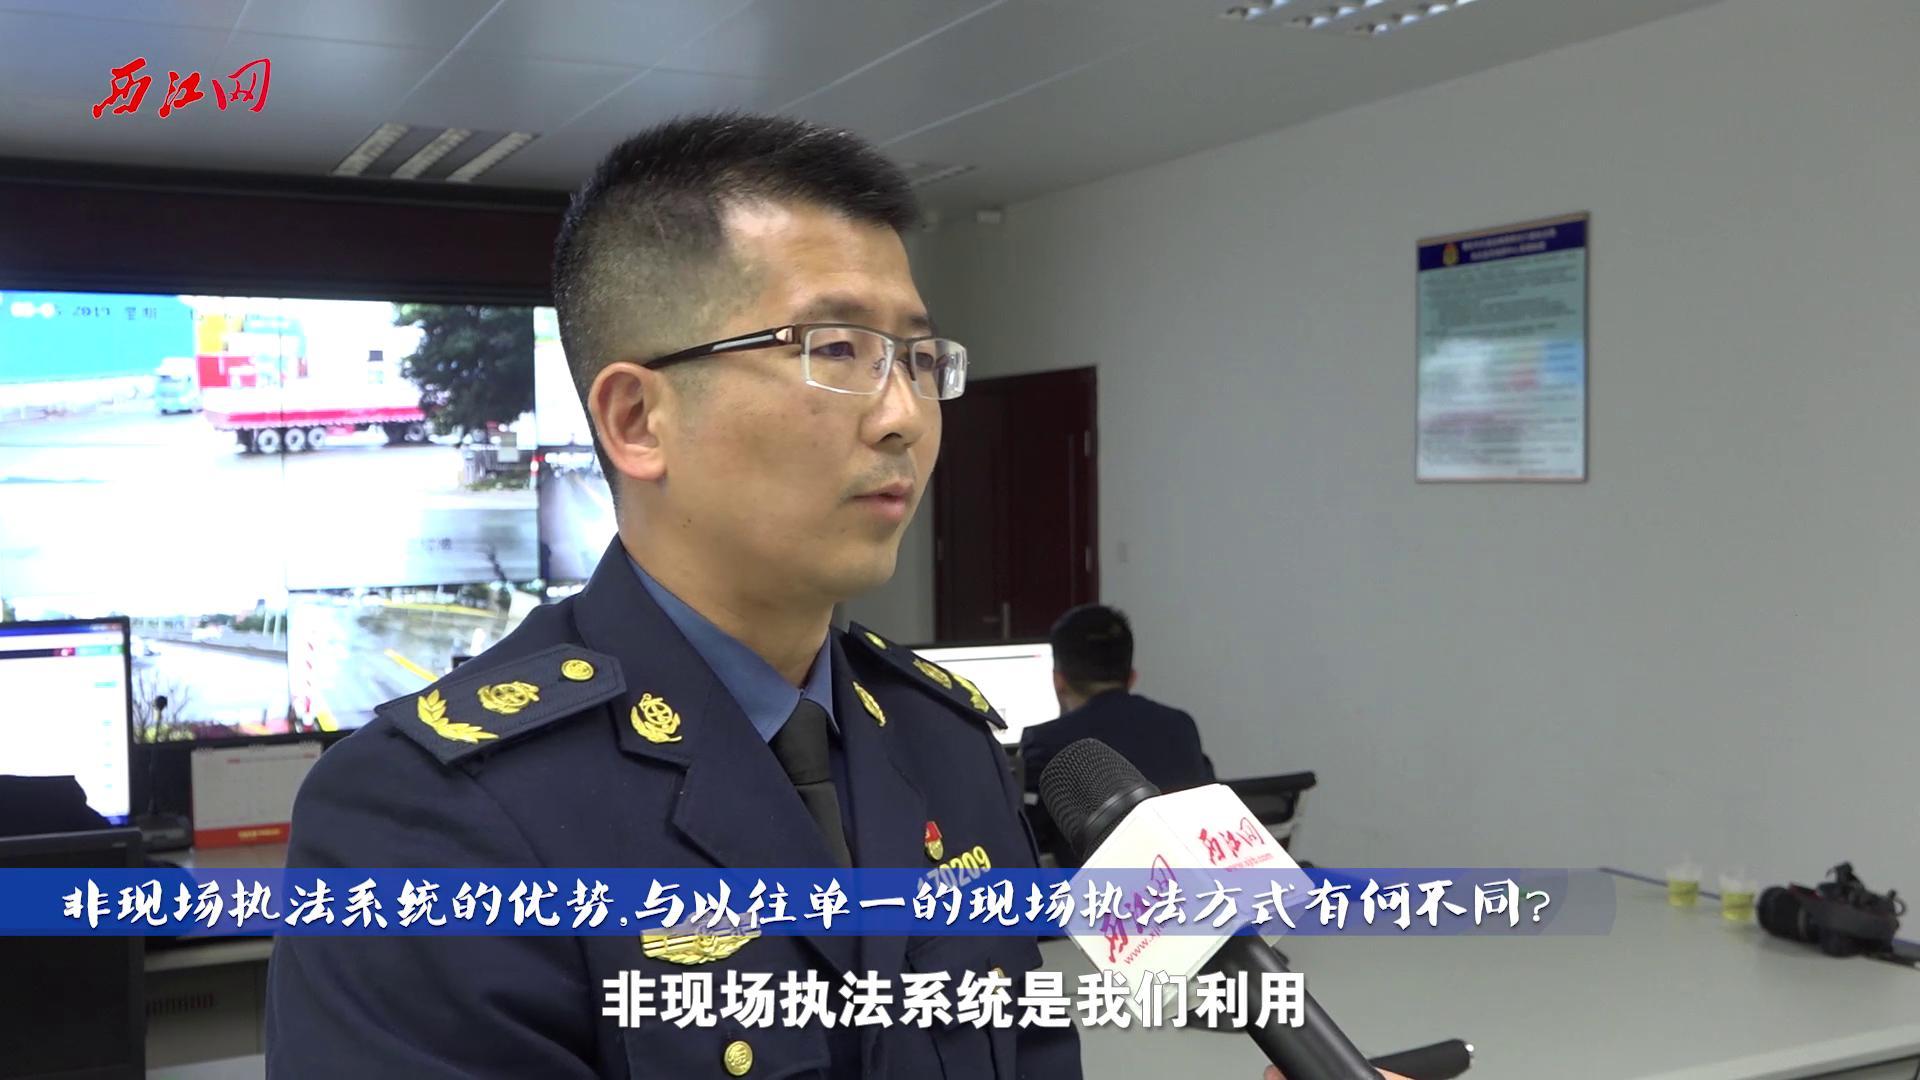 肇庆市交通运输局综合行政执法局副局长 苏其锋后续采访